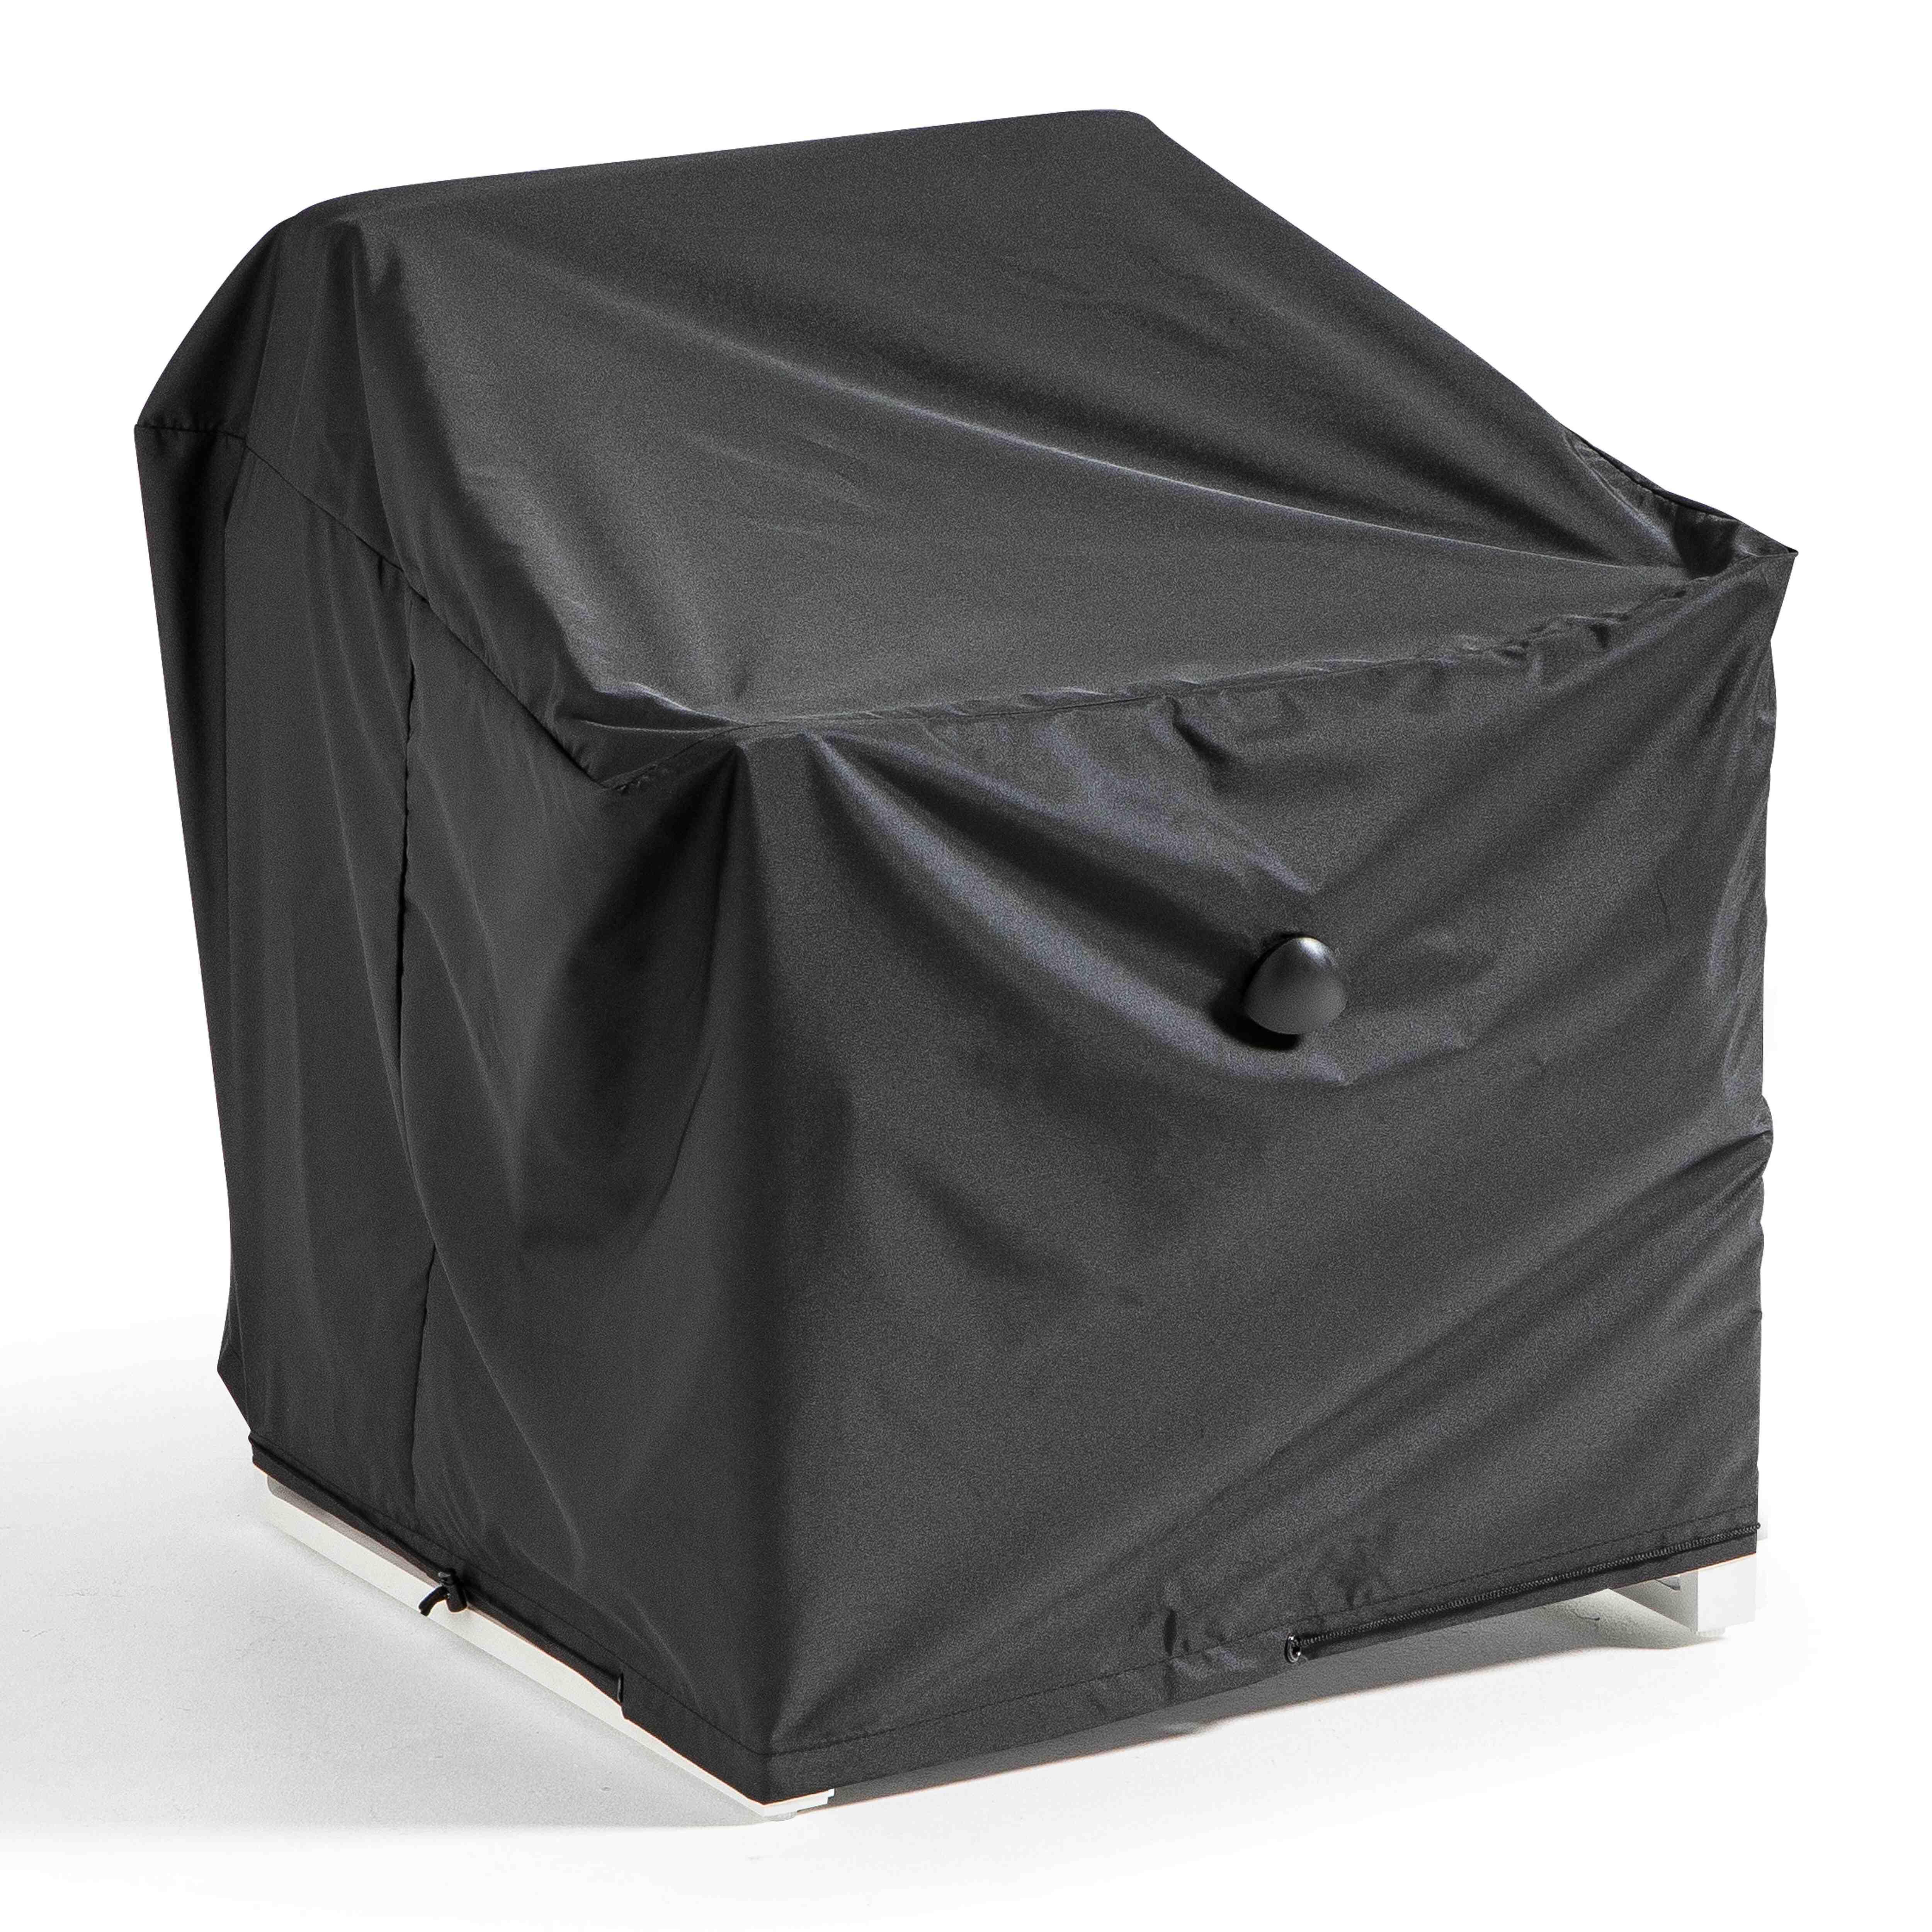 Housse de fauteuil de jardin en polyester noir